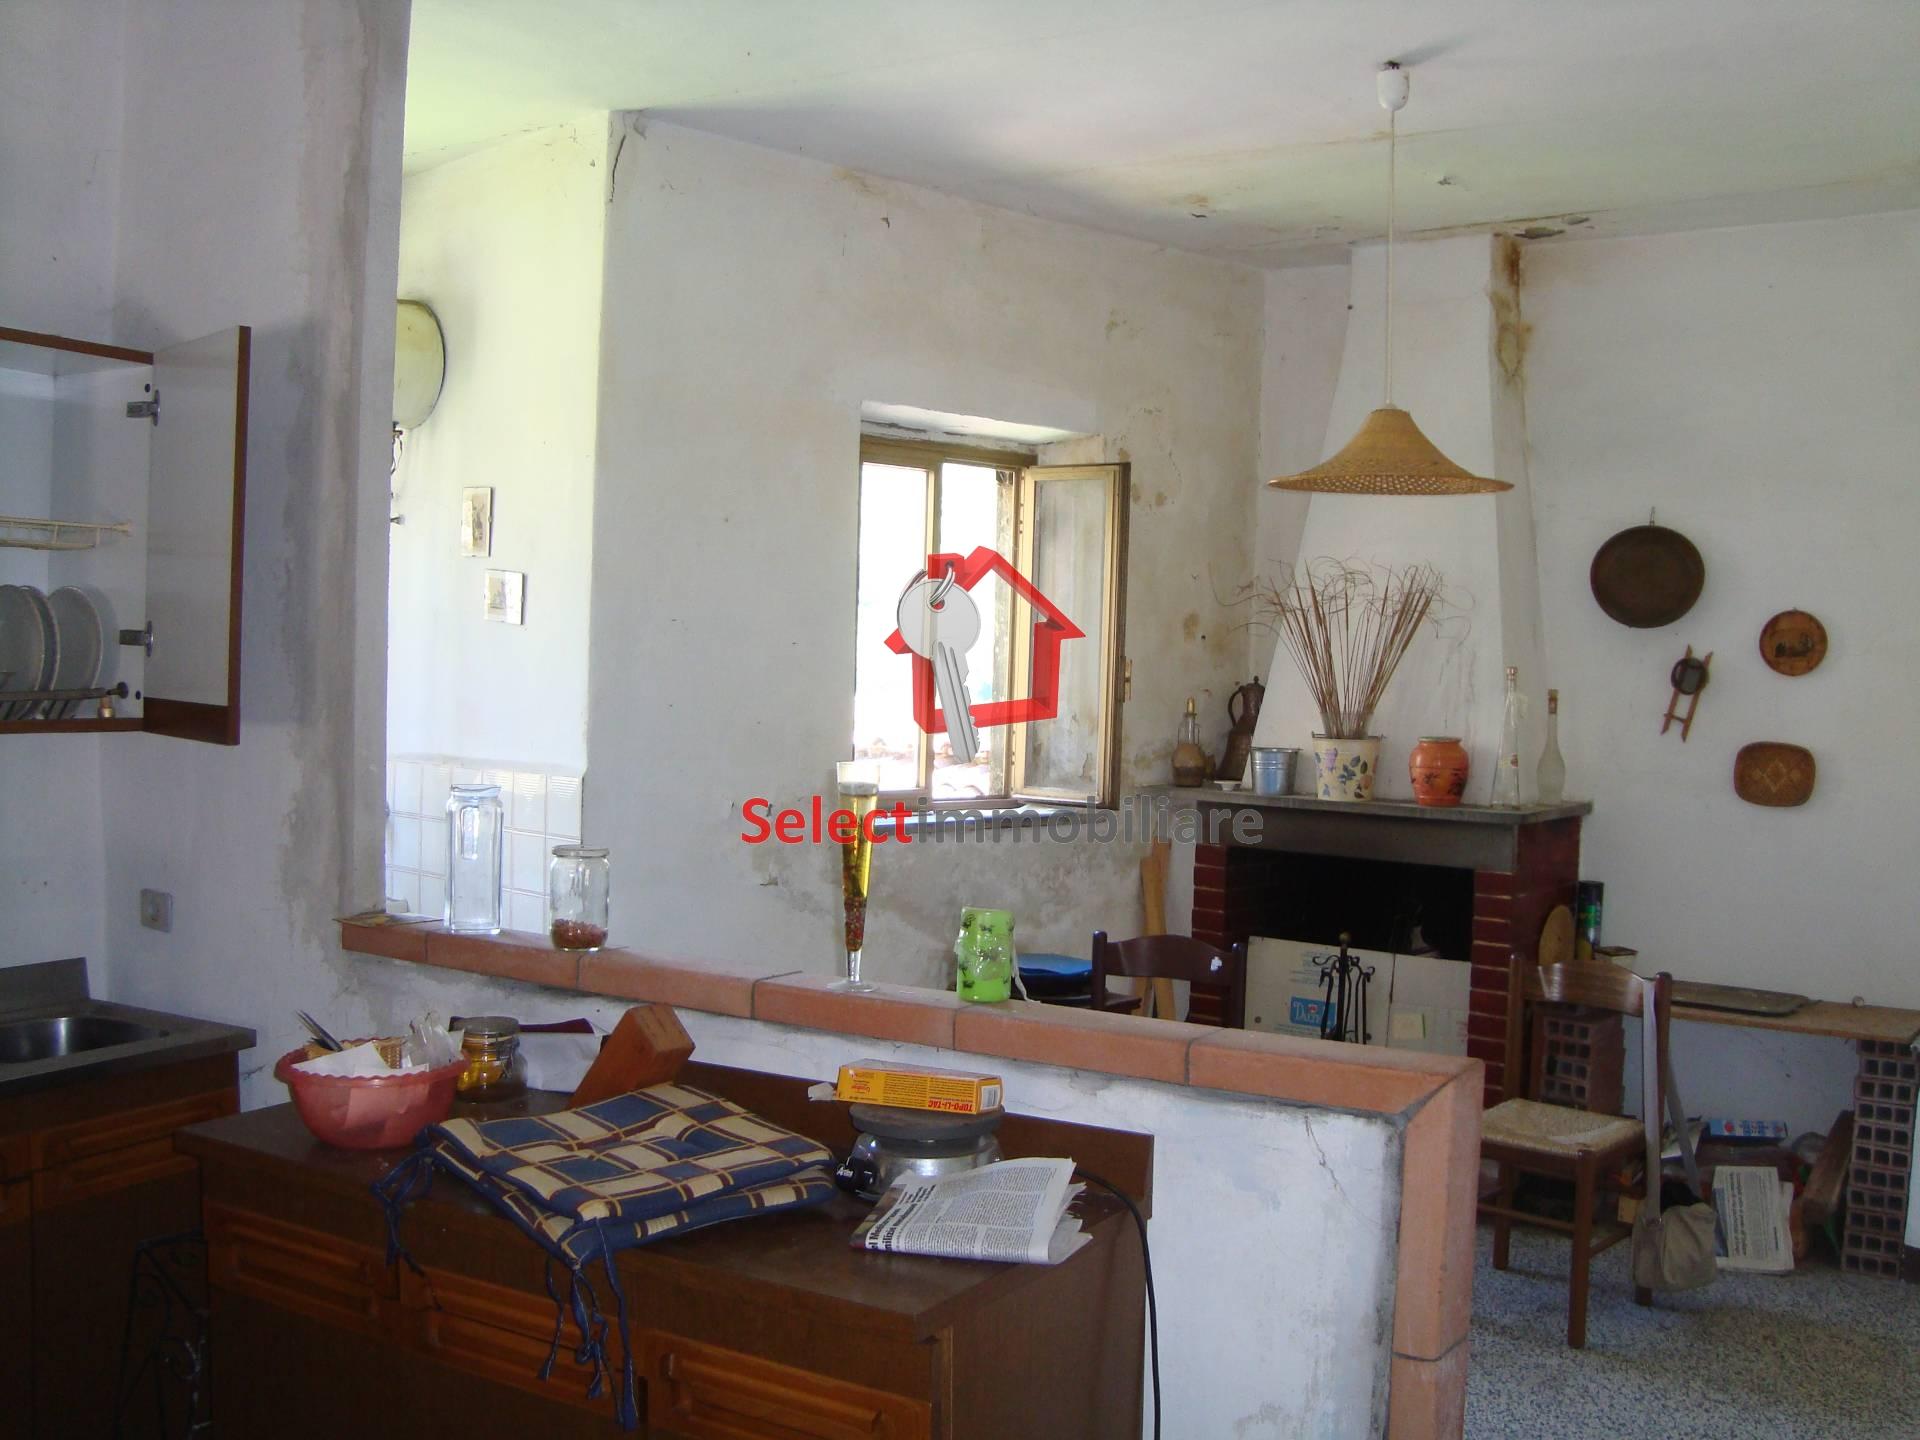 Appartamento in vendita a Borgo a Mozzano, 3 locali, zona Località: capoluogo, prezzo € 28.000 | Cambio Casa.it